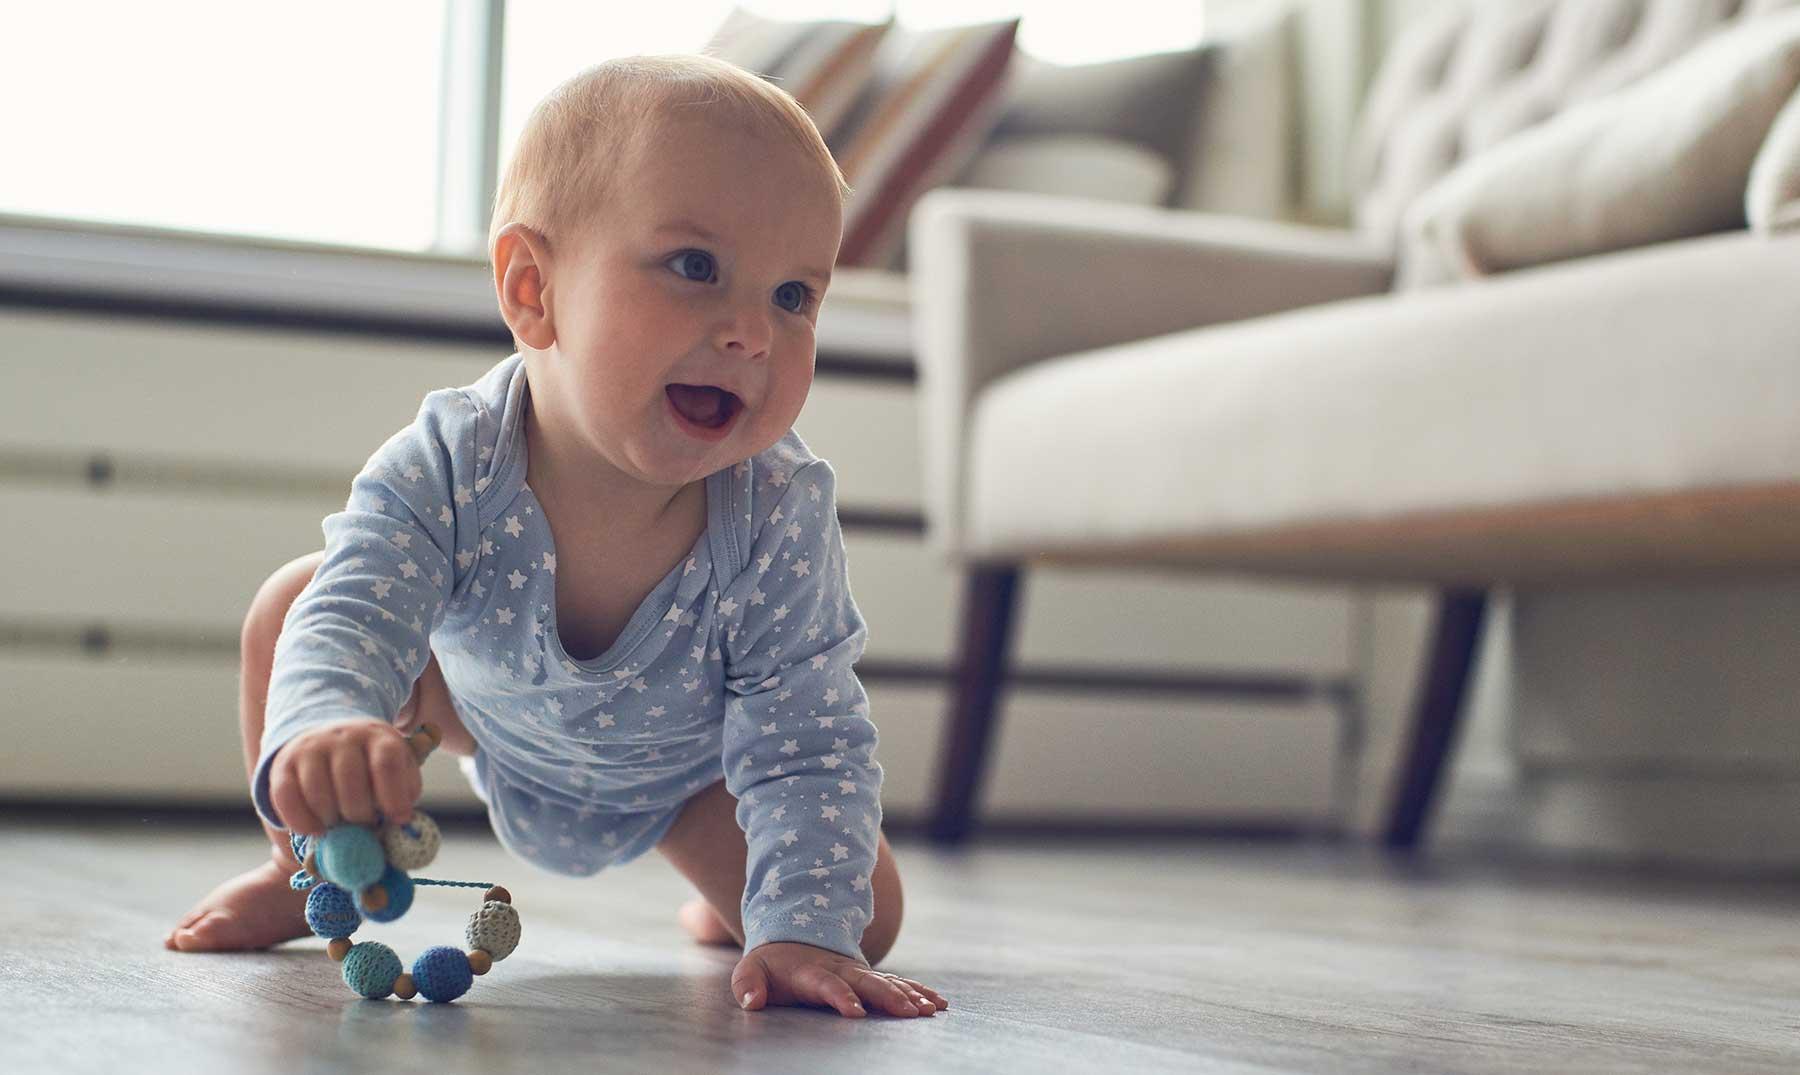 Nuevos pañales inteligentes permitirán monitorear la actividad de tu bebé 2